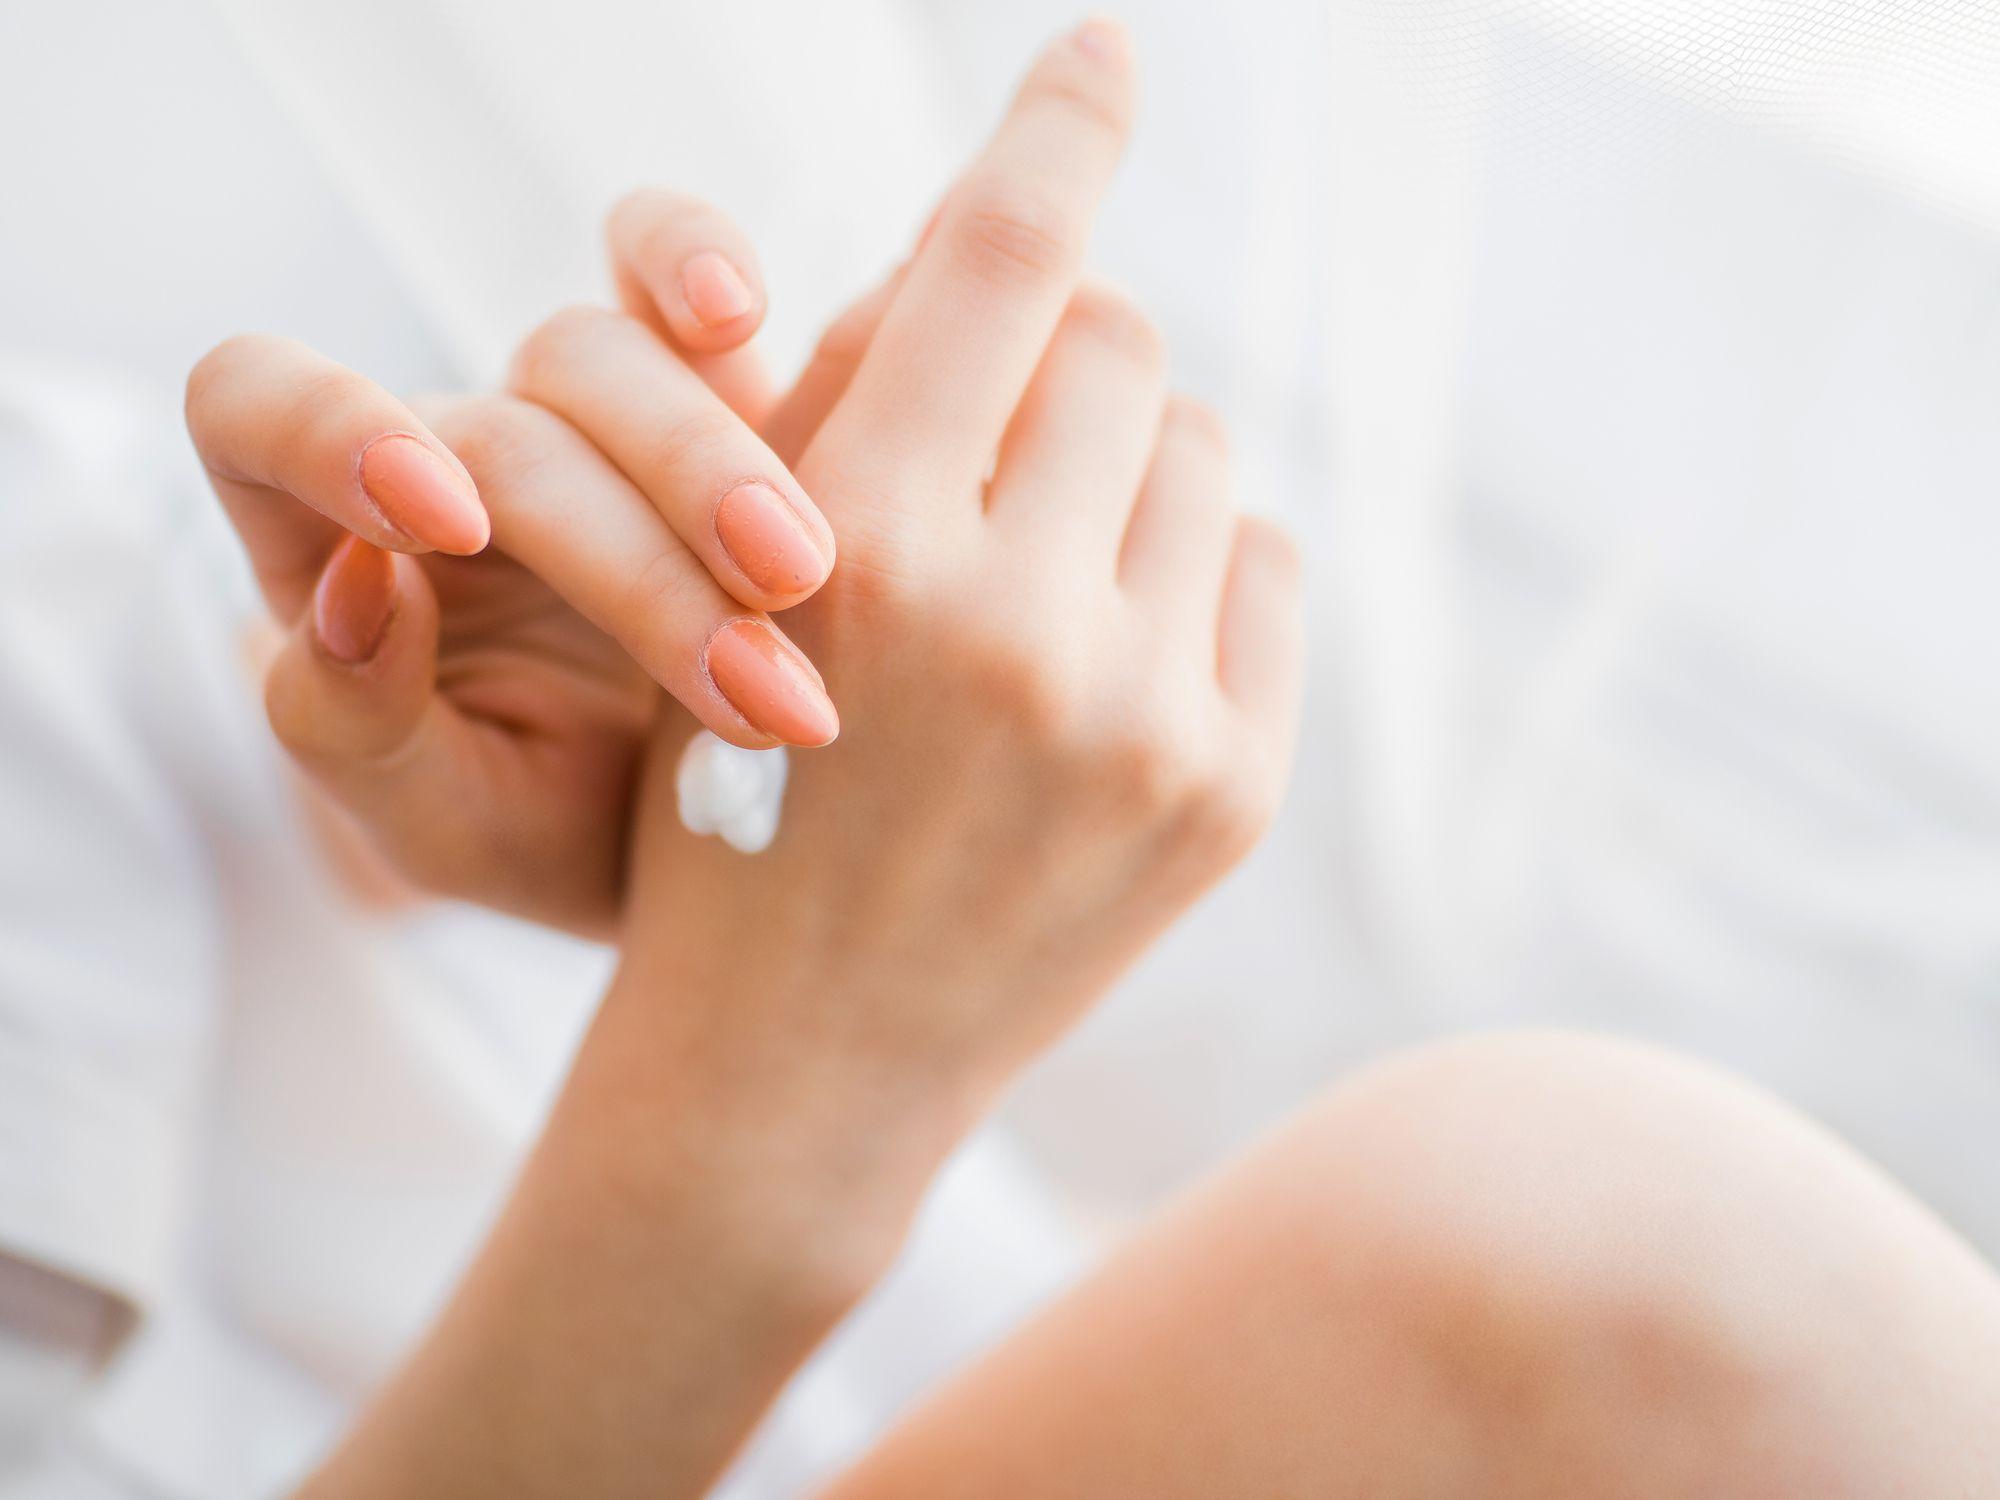 cách trị khô da tay chân hiệu quả